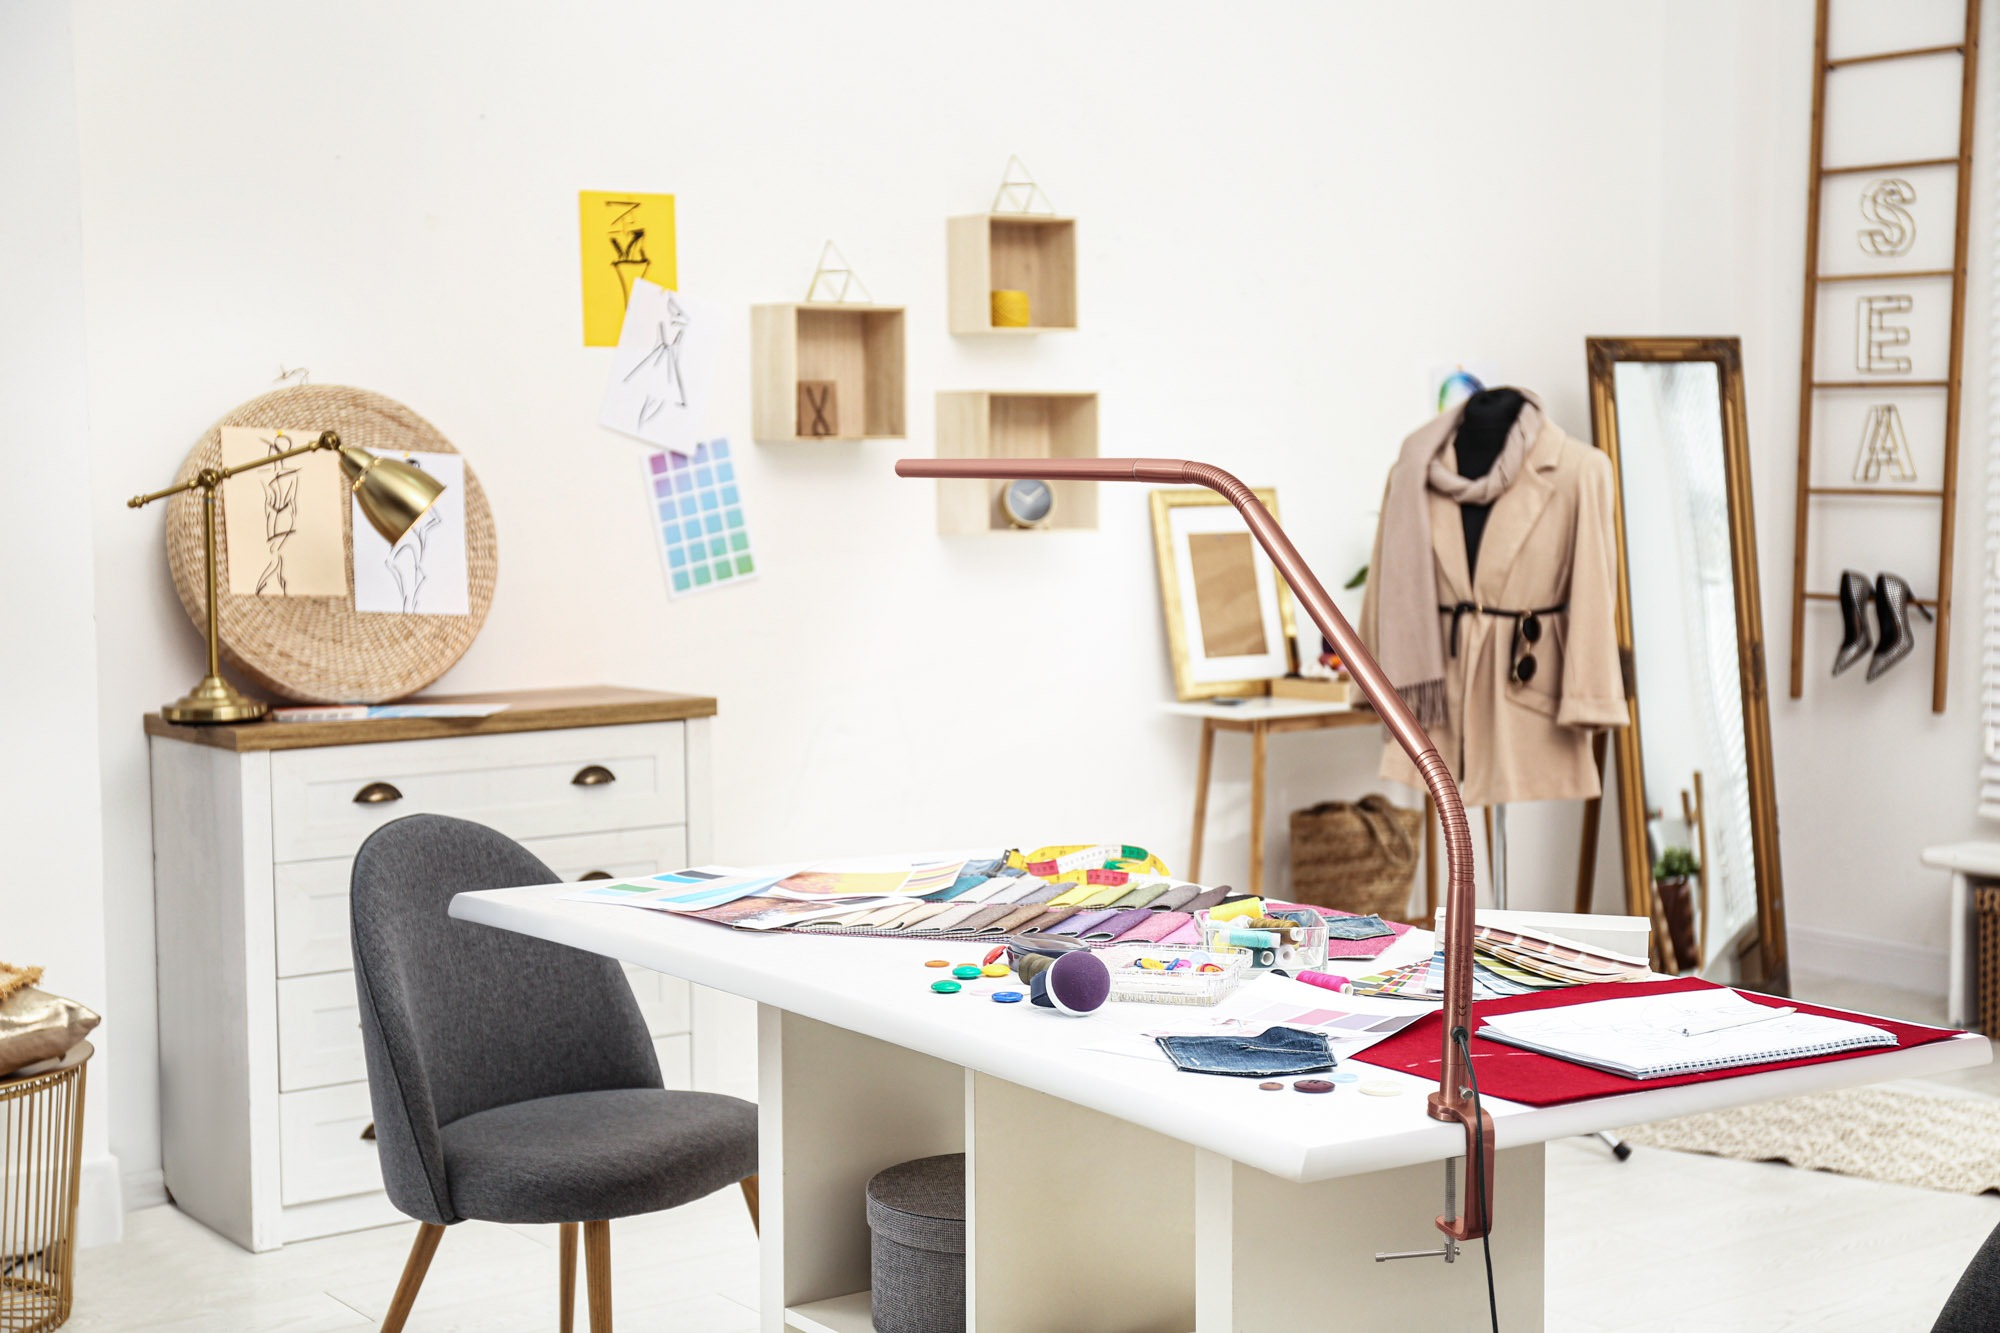 Slimline 3 Rose Gold clothes designer Lamp